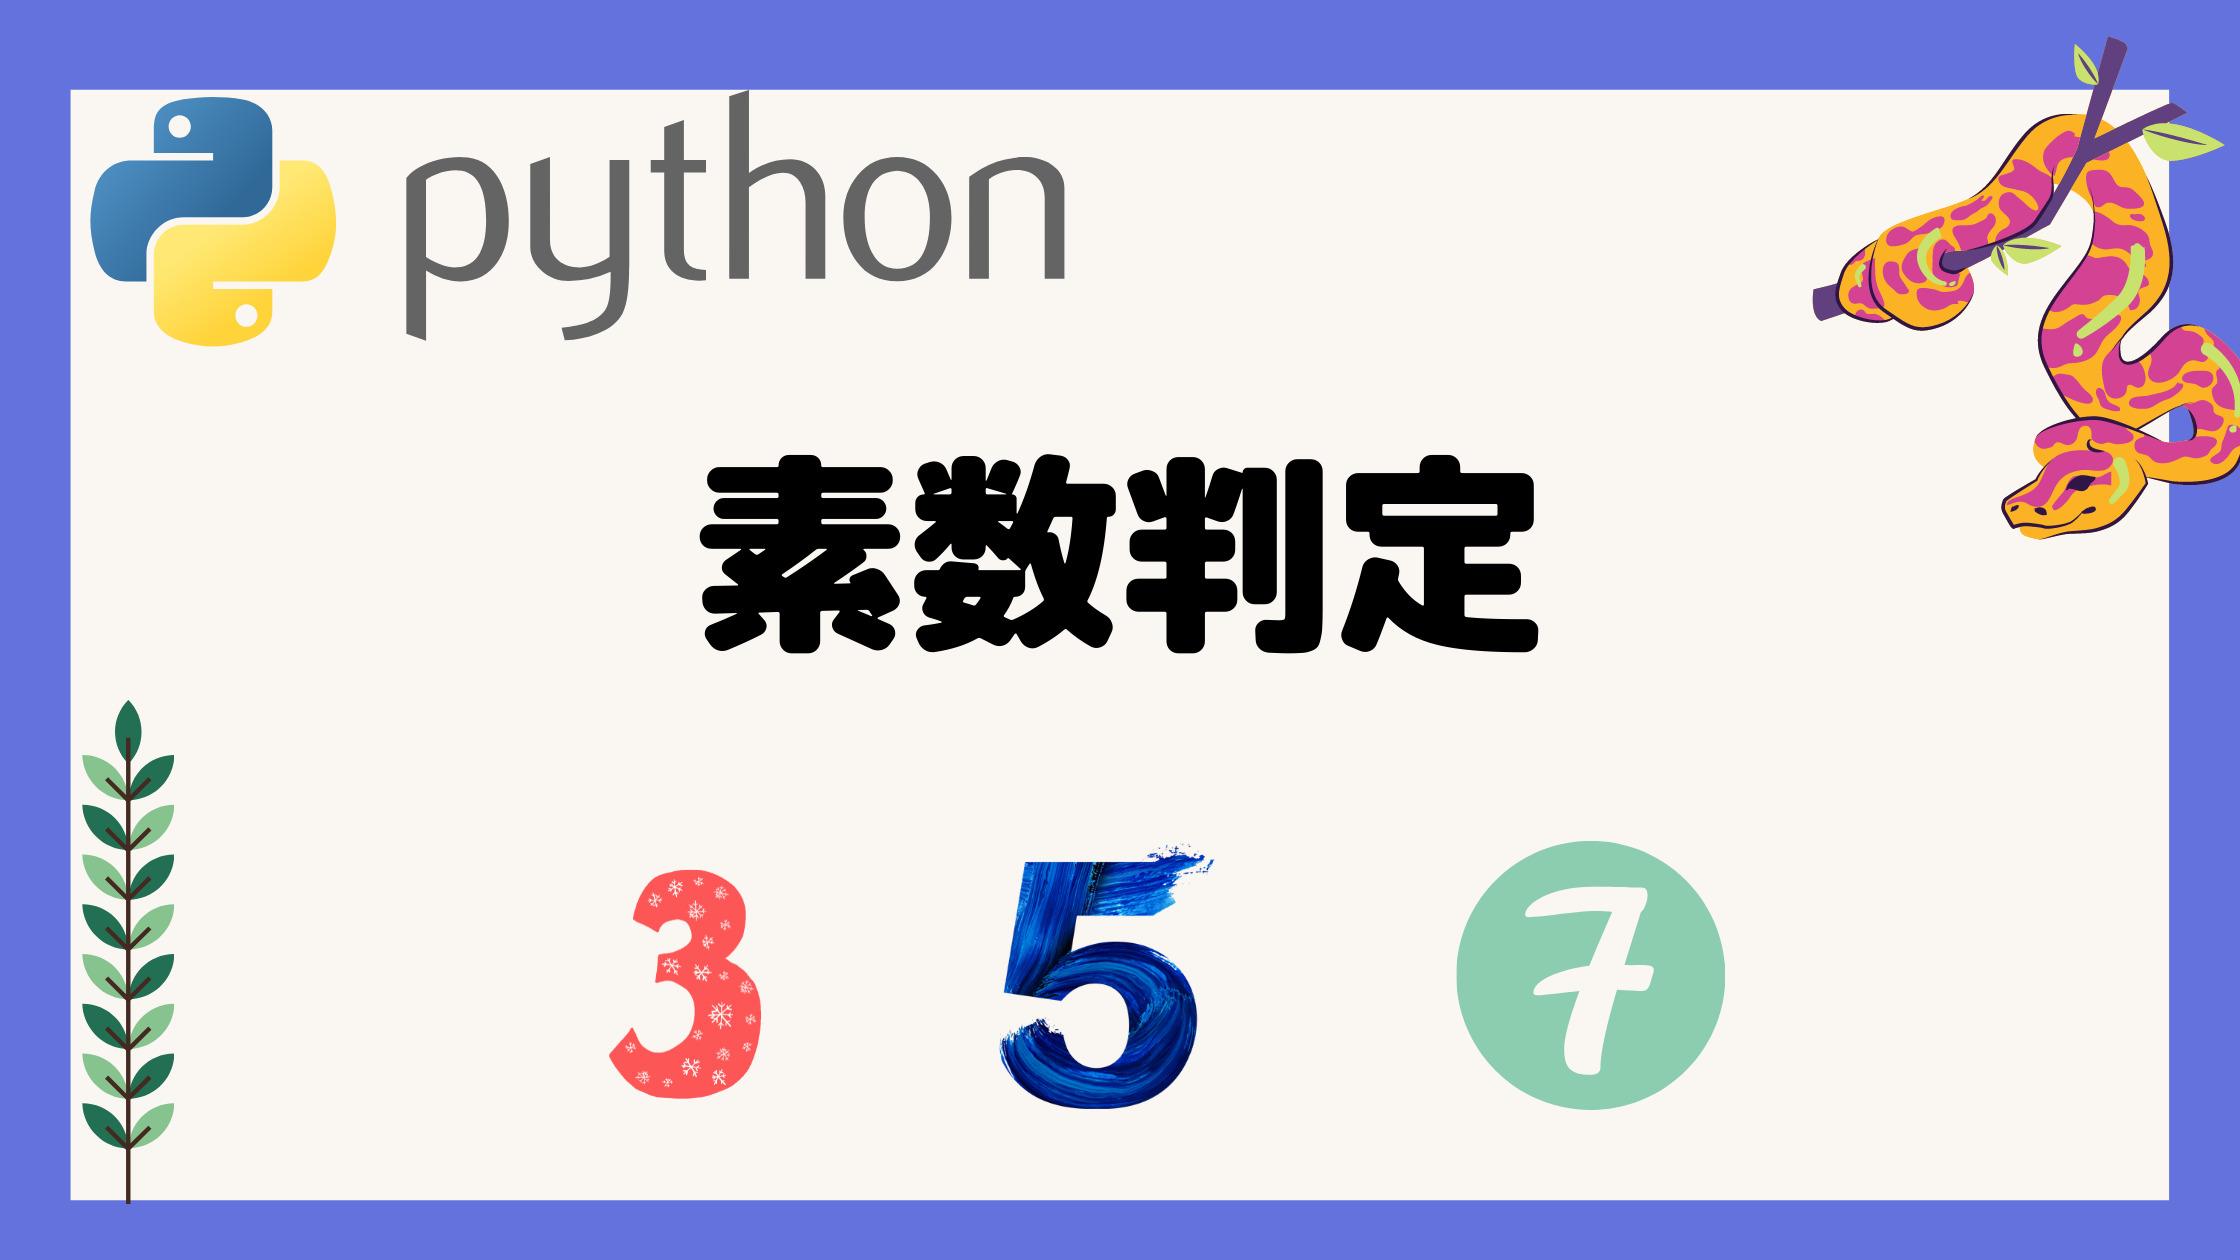 pythonの素数の記事のアイキャッチ